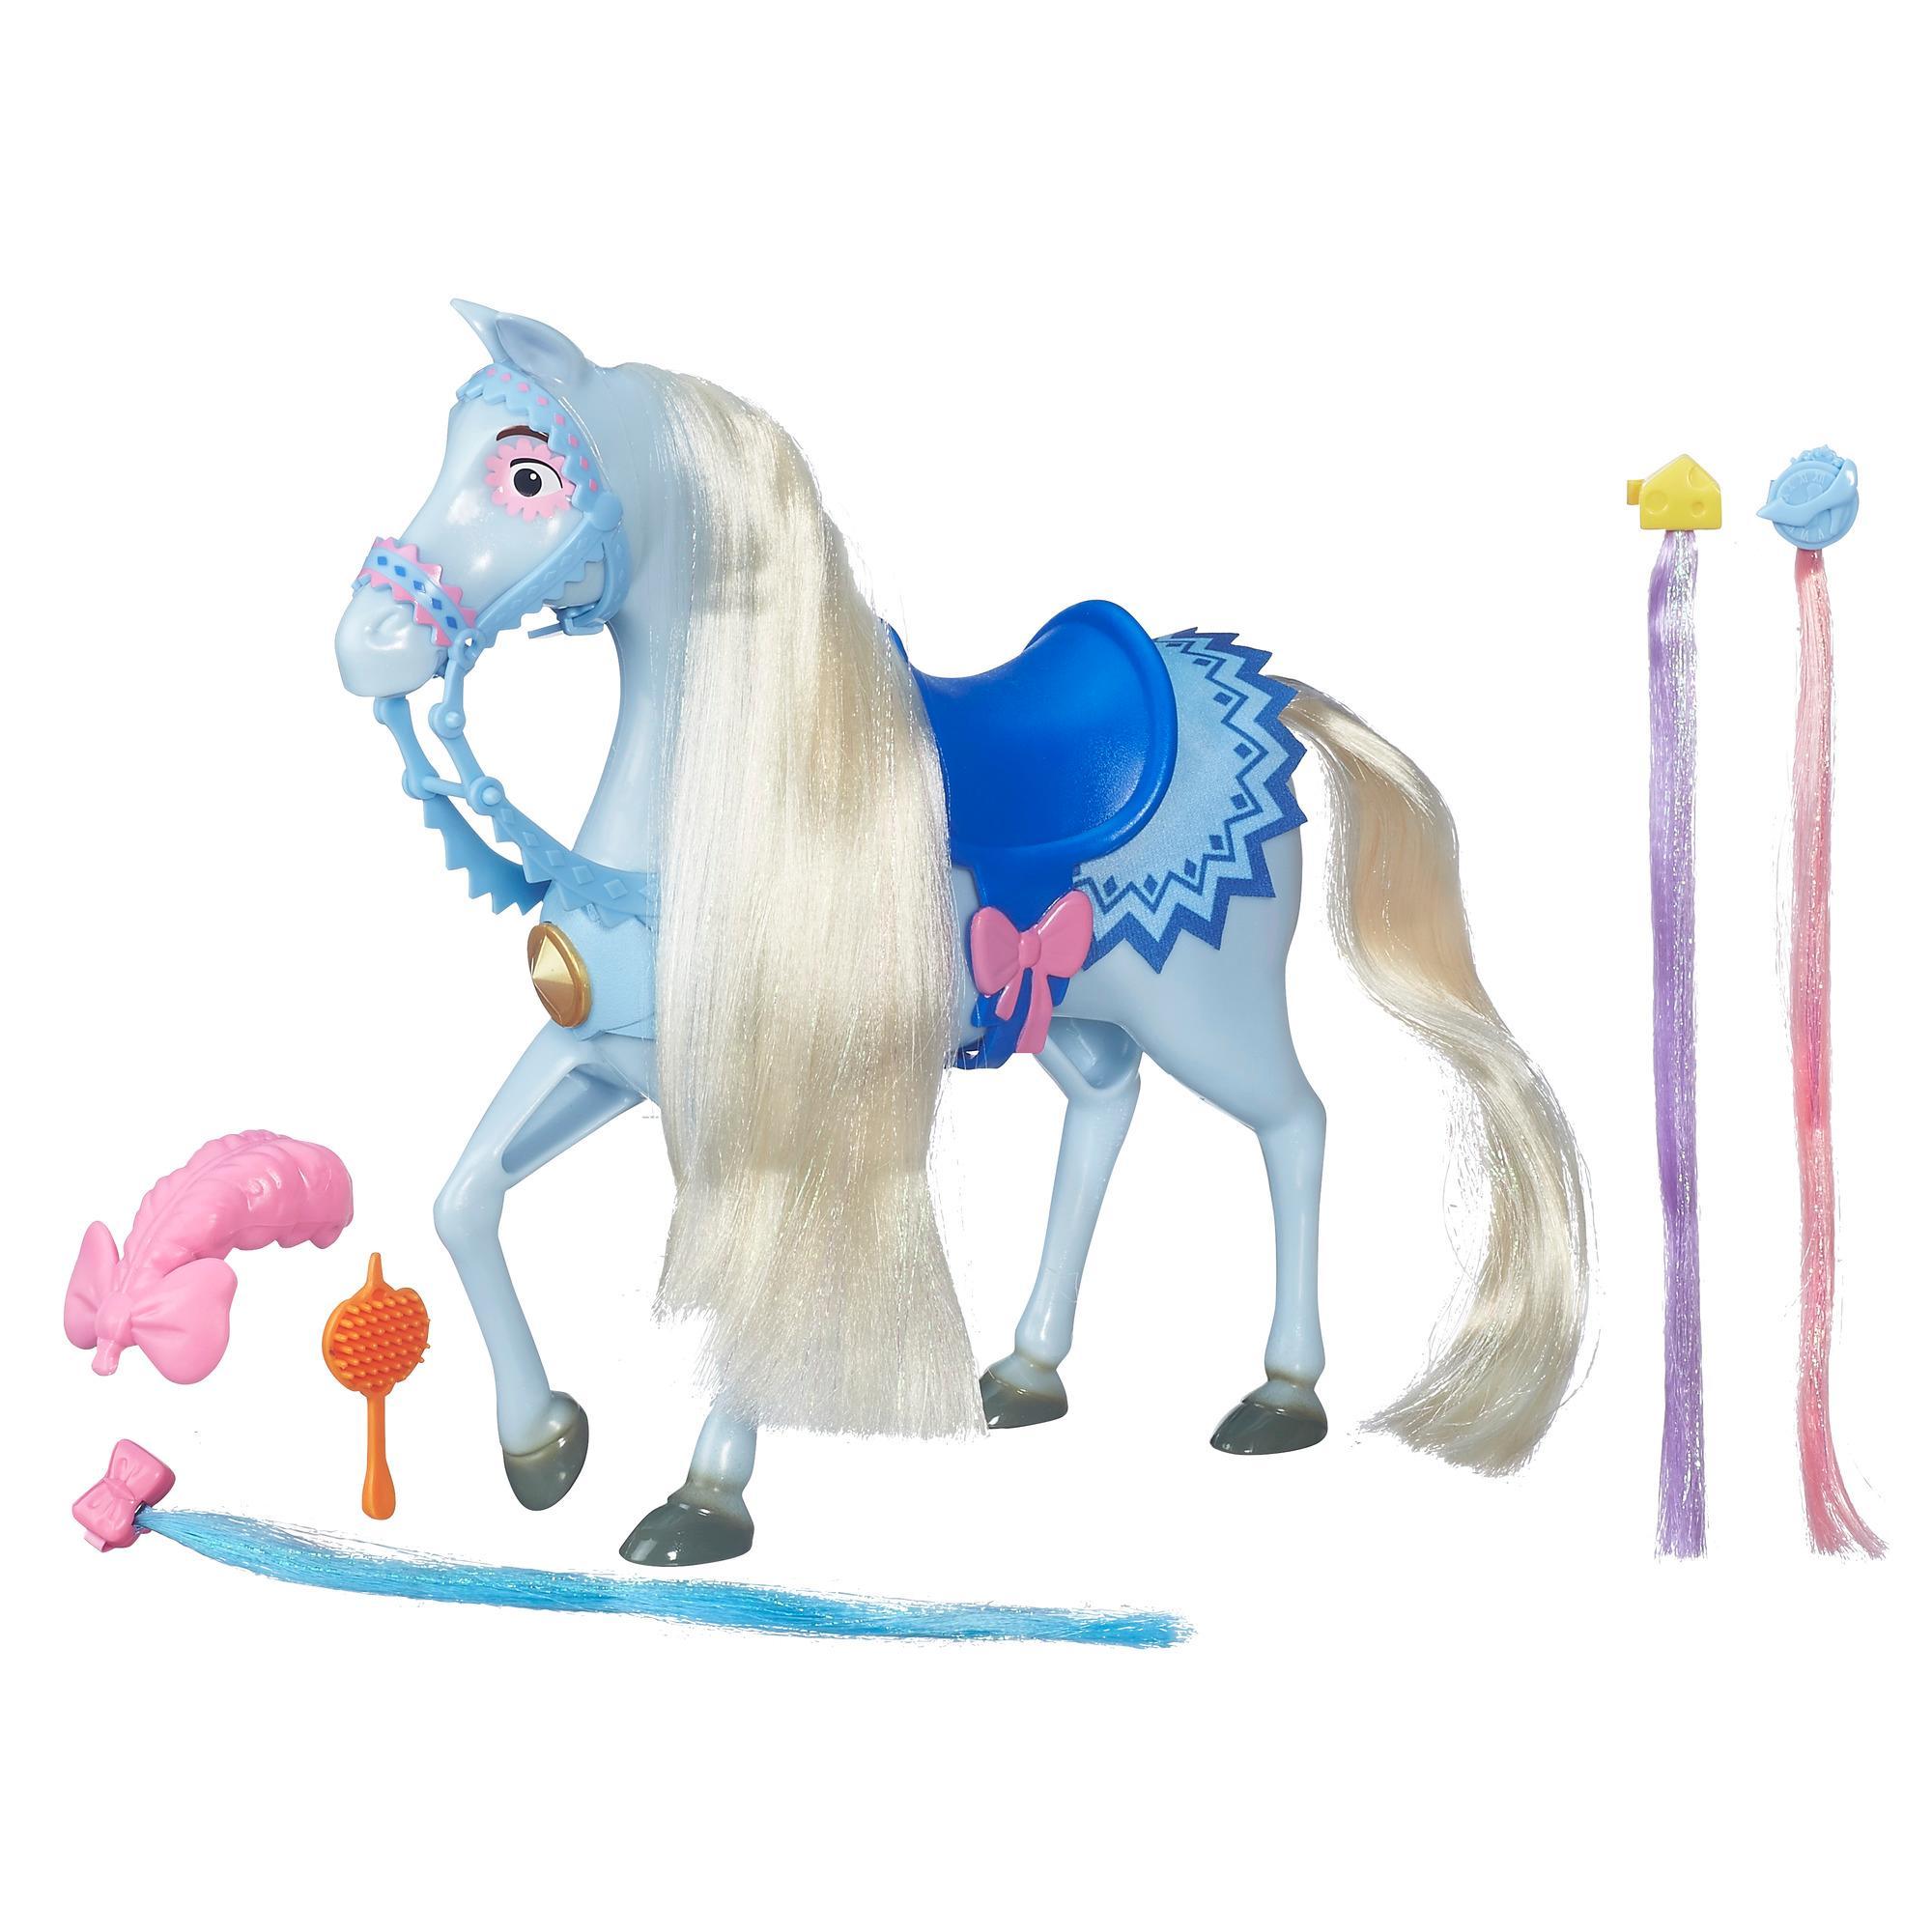 Disney Princess Cinderella's Horse Major